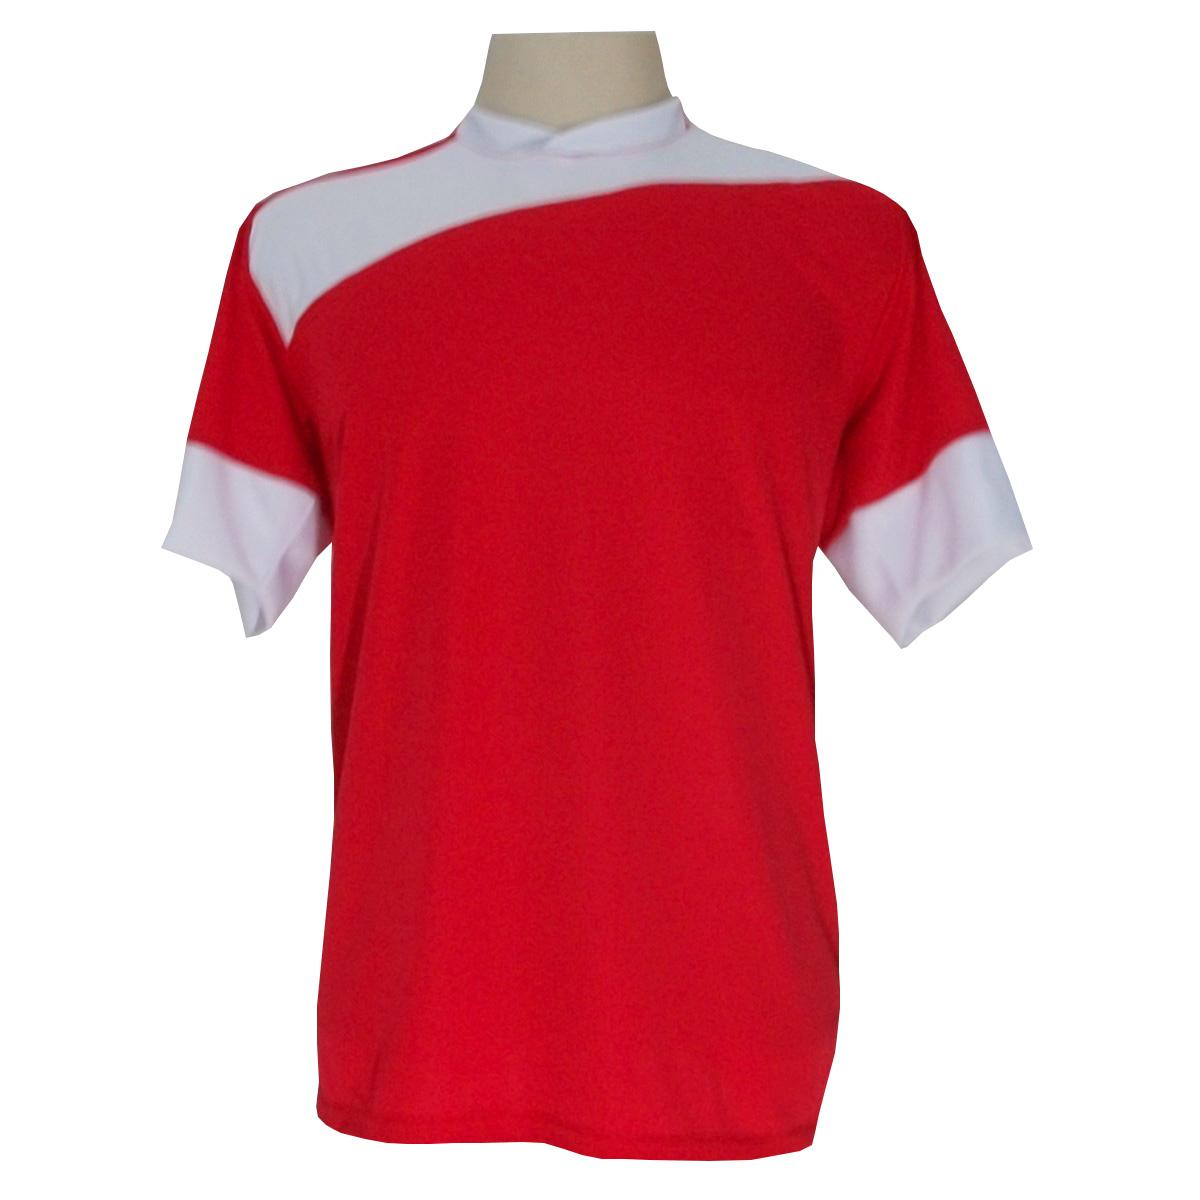 Uniforme Esportivo Completo modelo Sporting 14+1 (14 camisas Vermelho/Branco + 14 calções modelo Copa Vermelho/Branco + 14 pares de meiões Vermelhos + 1 conjunto de goleiro) + Brindes